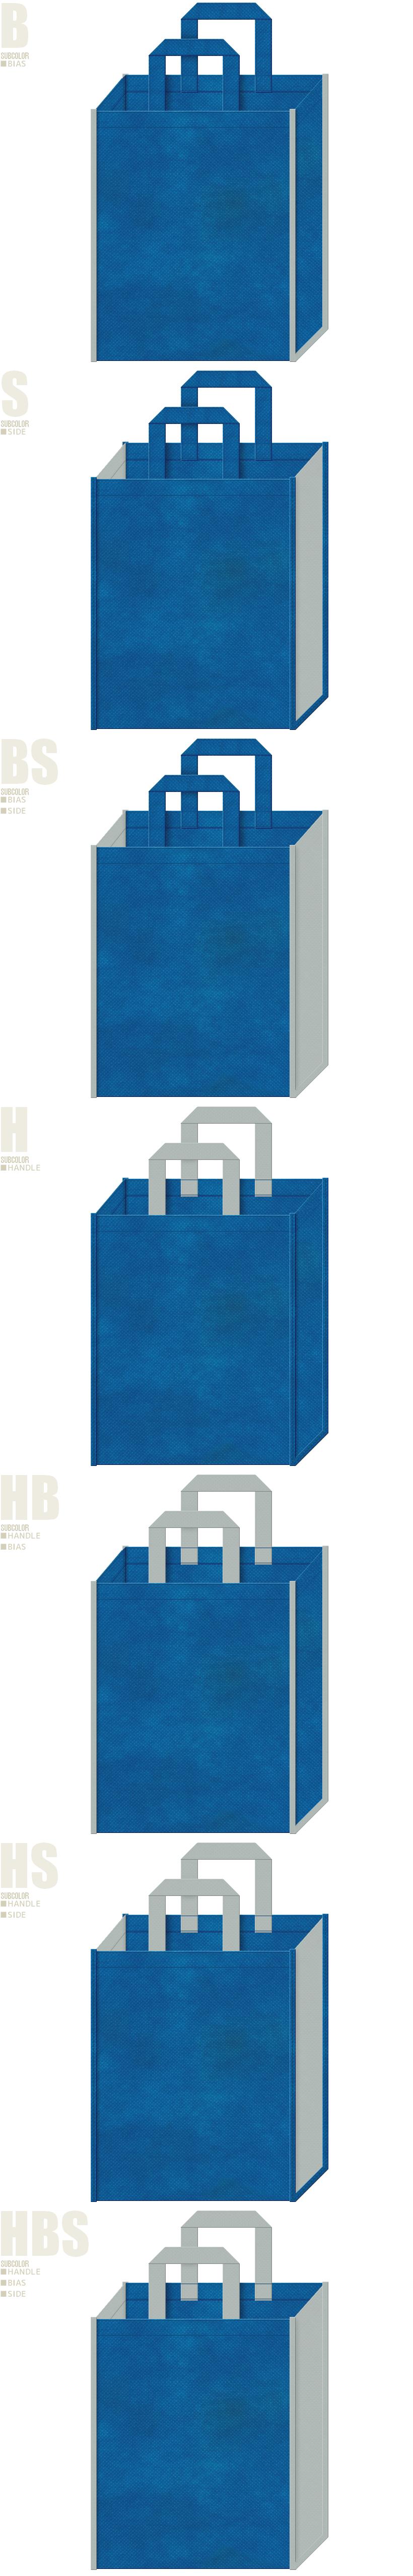 電子部品・ロボット・ホビー・セキュリティの展示会用バッグにお奨めの不織布バッグデザイン:青色とグレー色の不織布バッグ配色7パターン